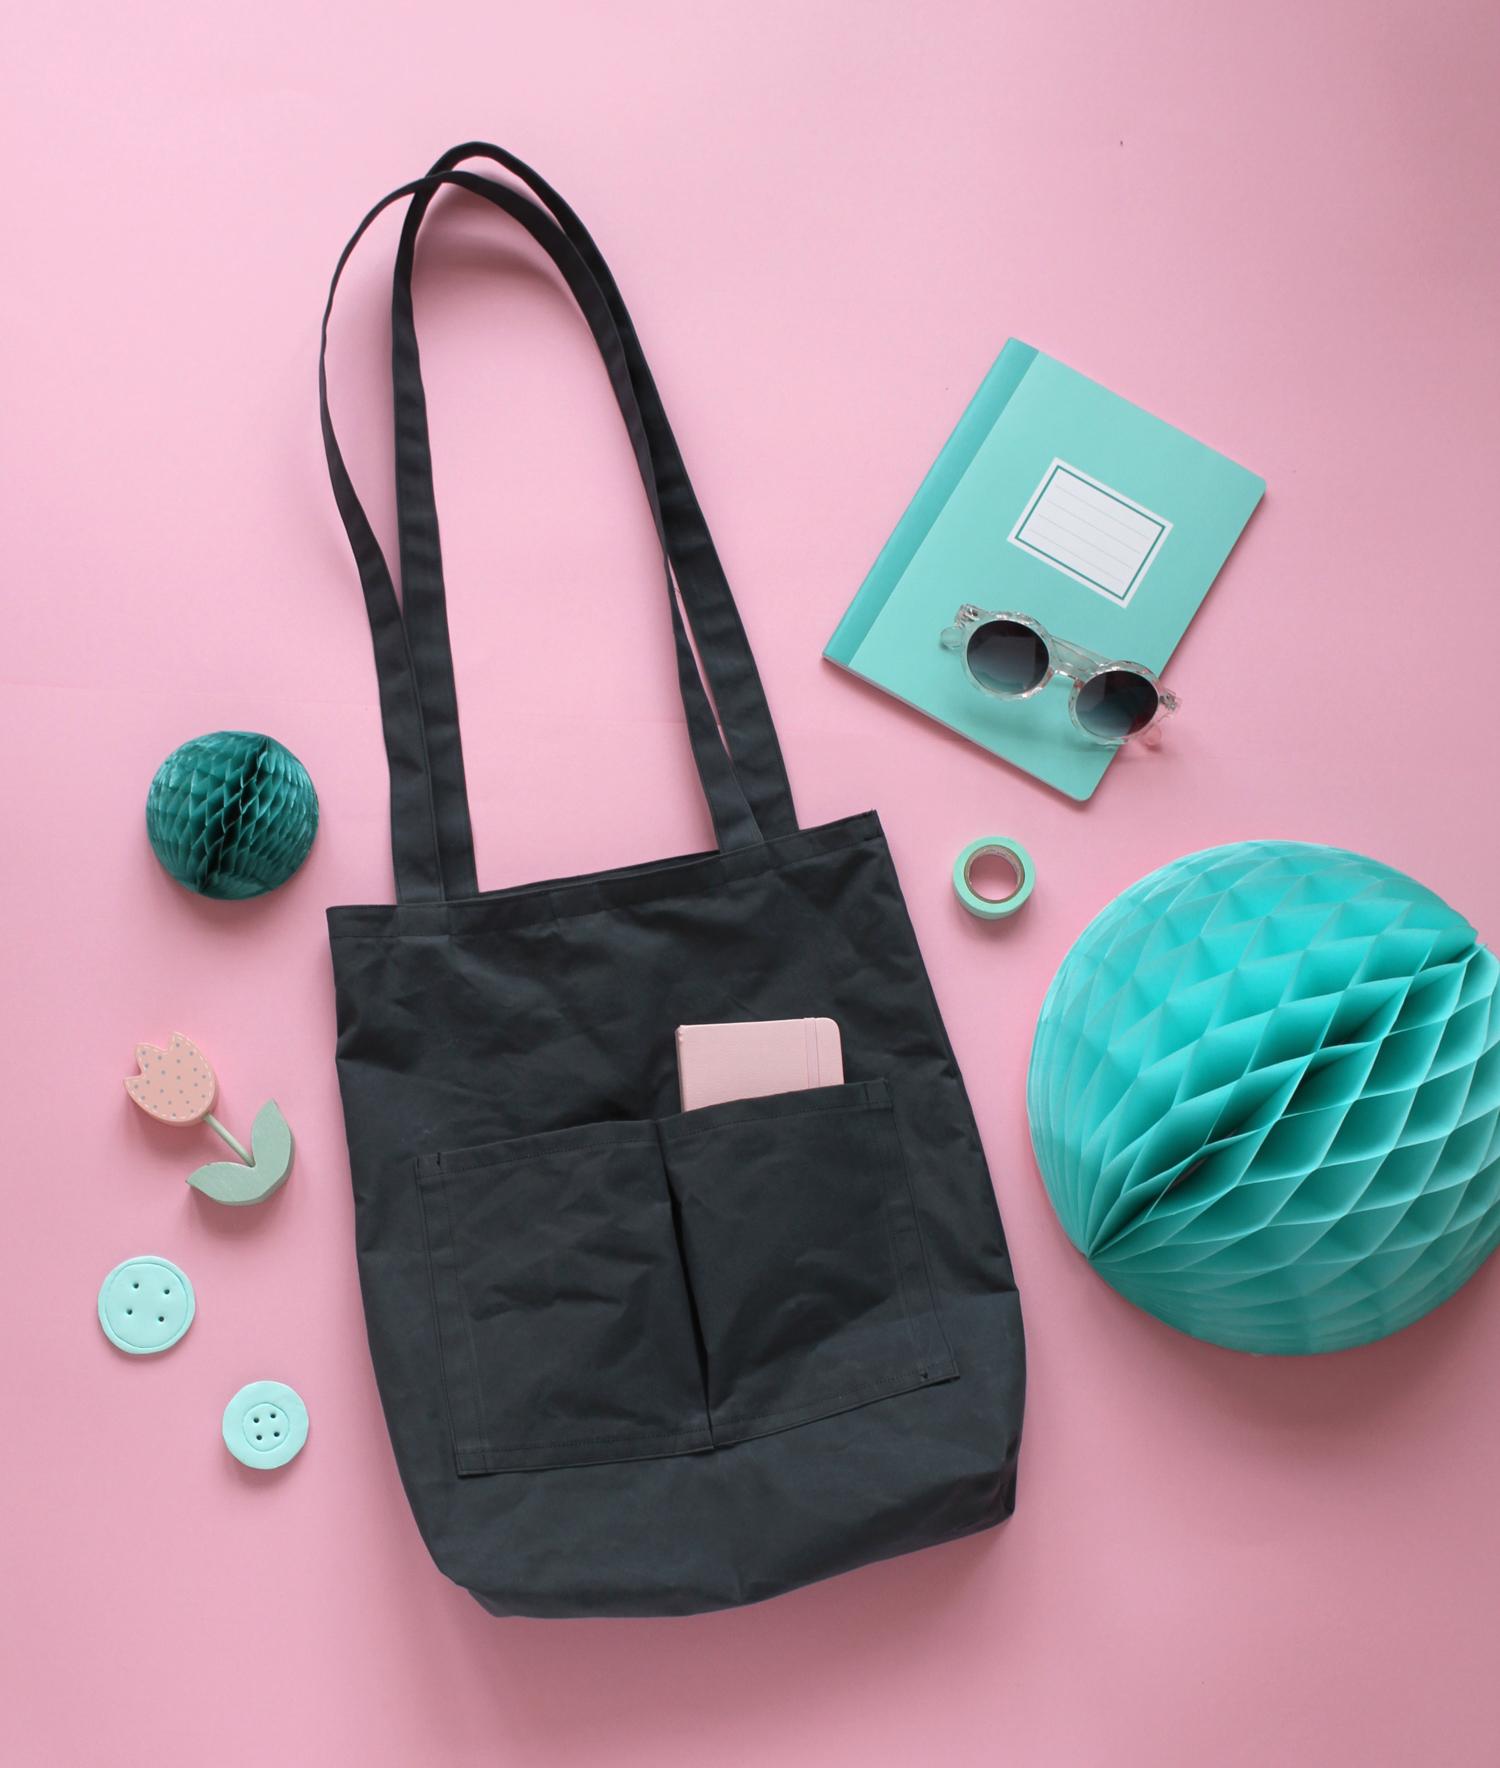 Makerist-Tasche-selber-nähen-Shopper-Bag-mit-Außenfächern-41